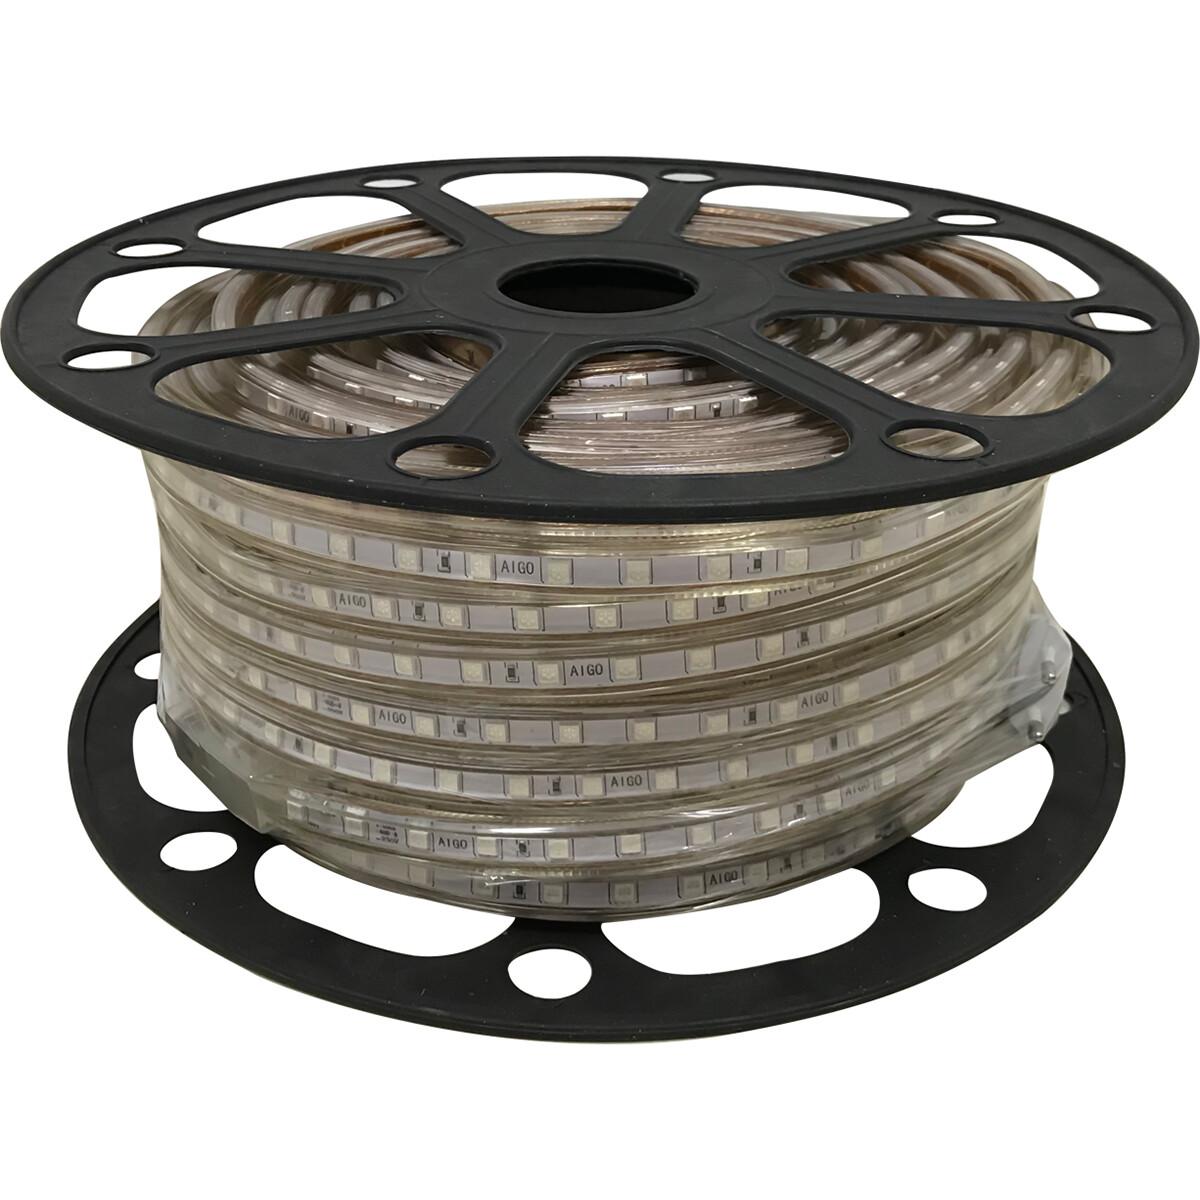 LED Strip - Aigi Strabo - 50 Meter - Dimbaar - IP65 Waterdicht - Groen - 5050 SMD 230V